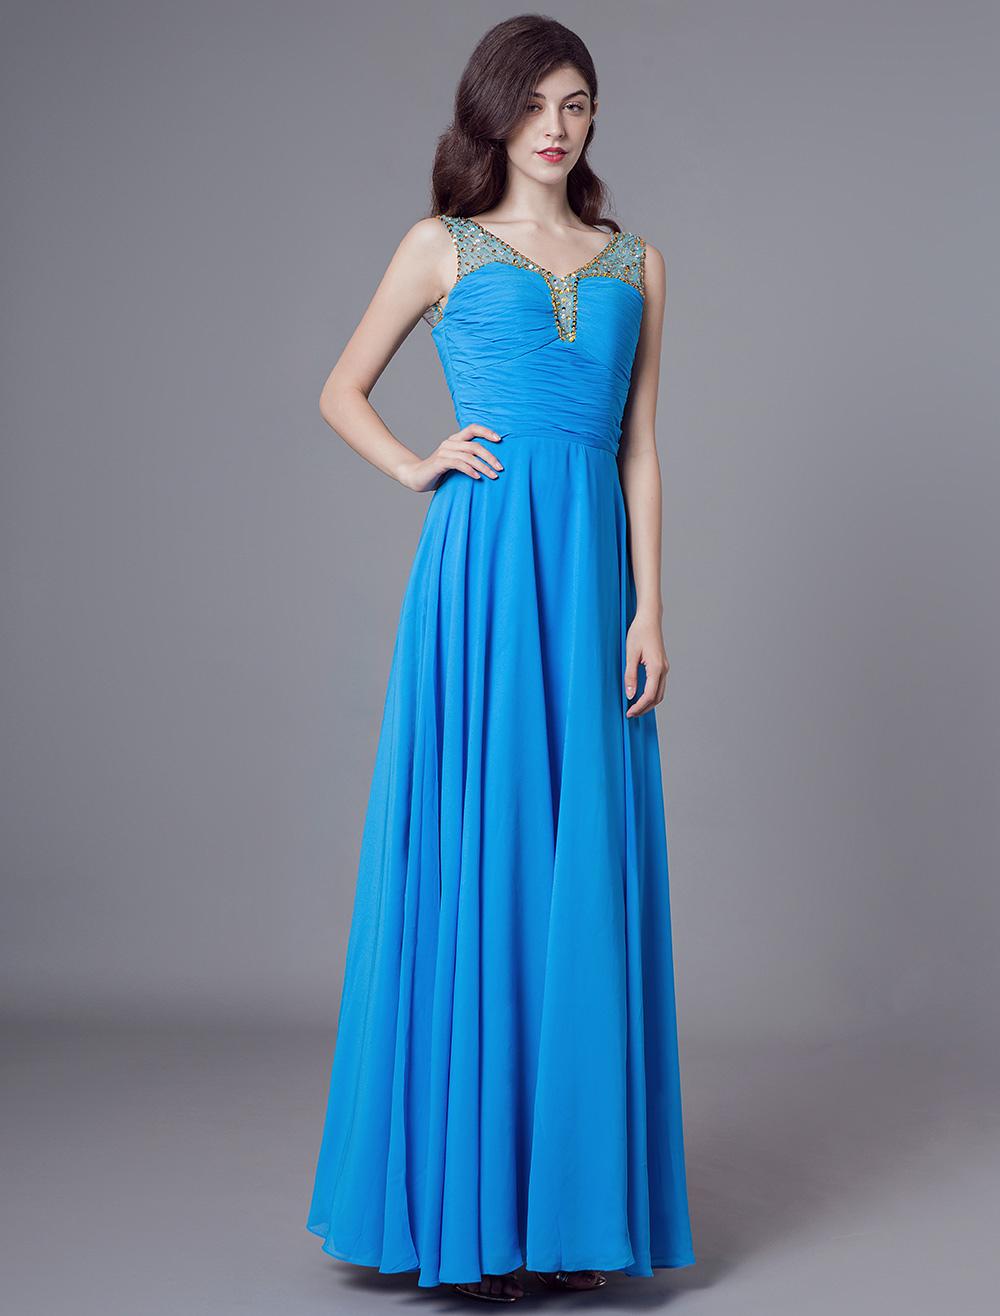 blaue abendkleider chiffon friesen langes abendkleid v-ausschnitt maxi  formelle kleider